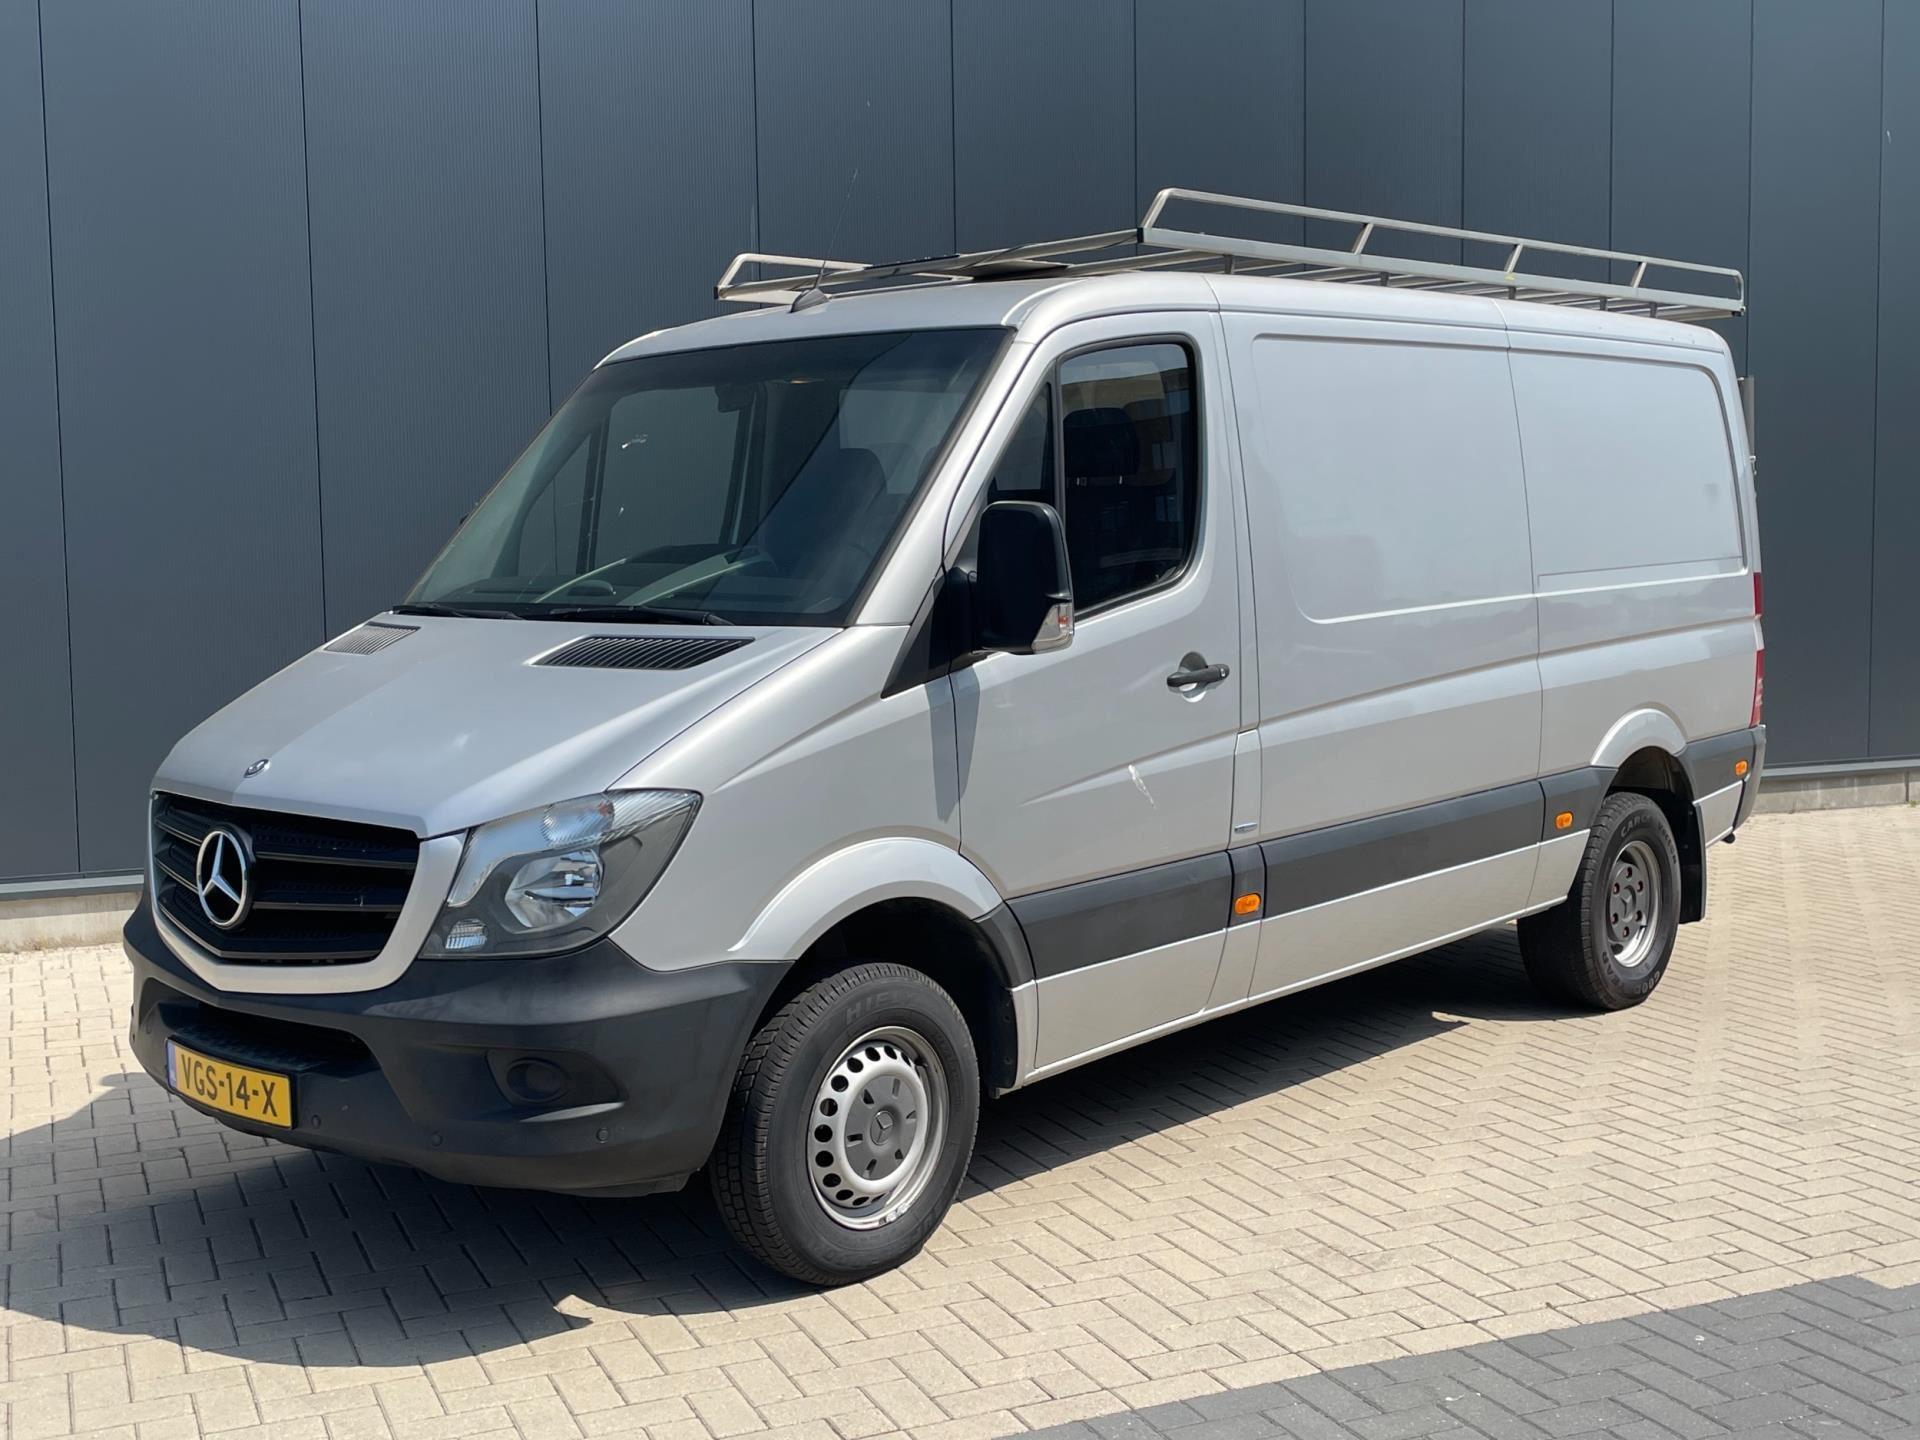 Mercedes-Benz Sprinter occasion - Dealer Outlet Cuijk b.v.